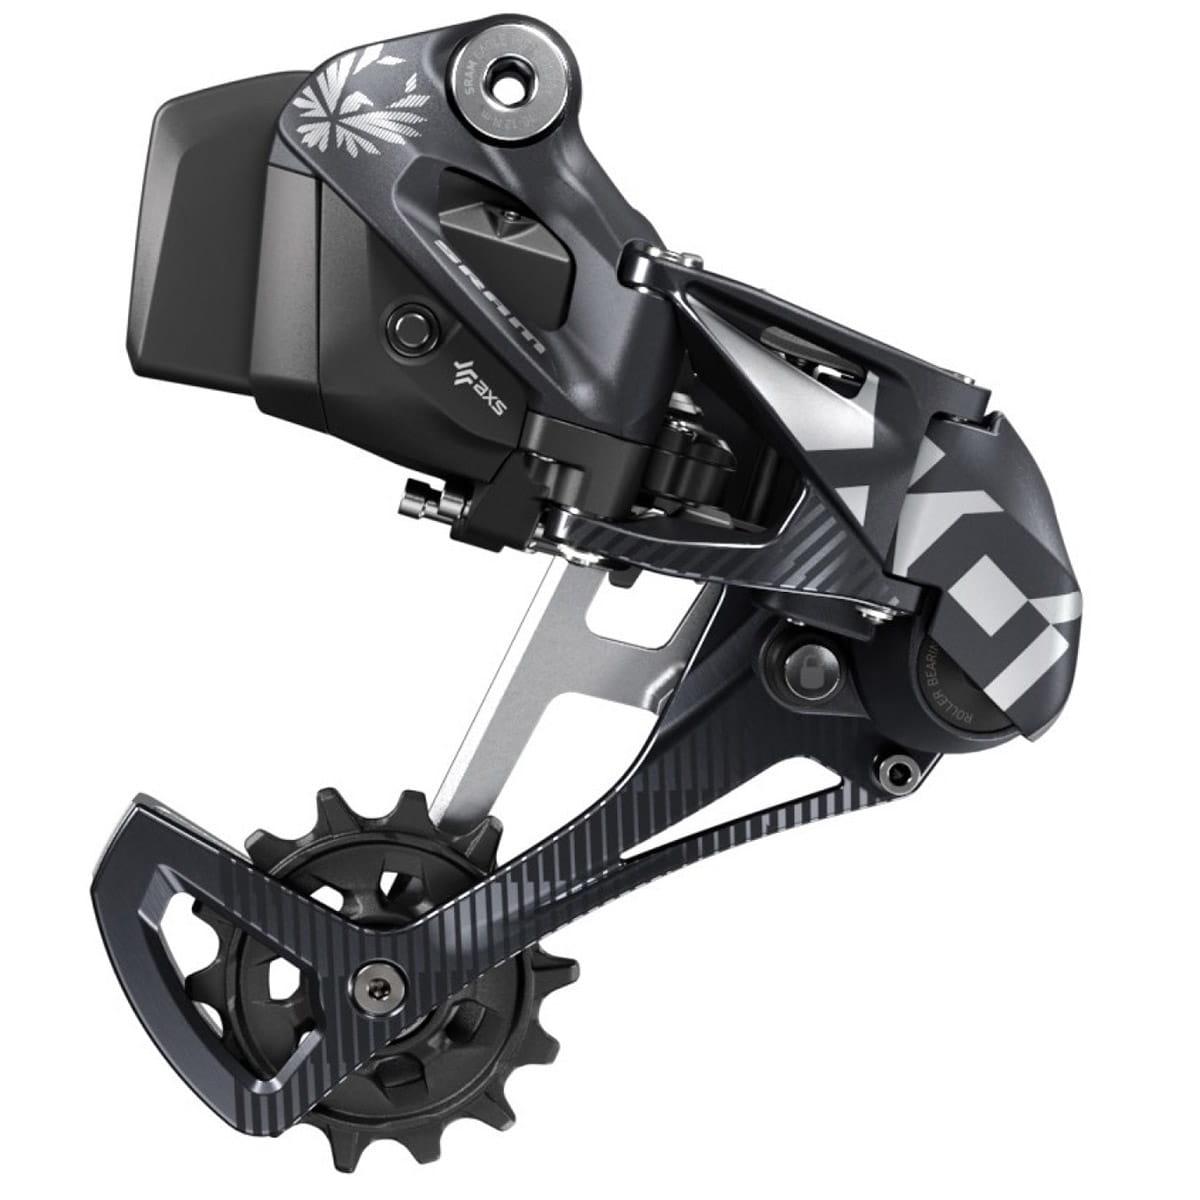 SRAM X01 EAGLE AXS Schaltwerk - 12 fach online kaufen   BMO Bike-Mailorder